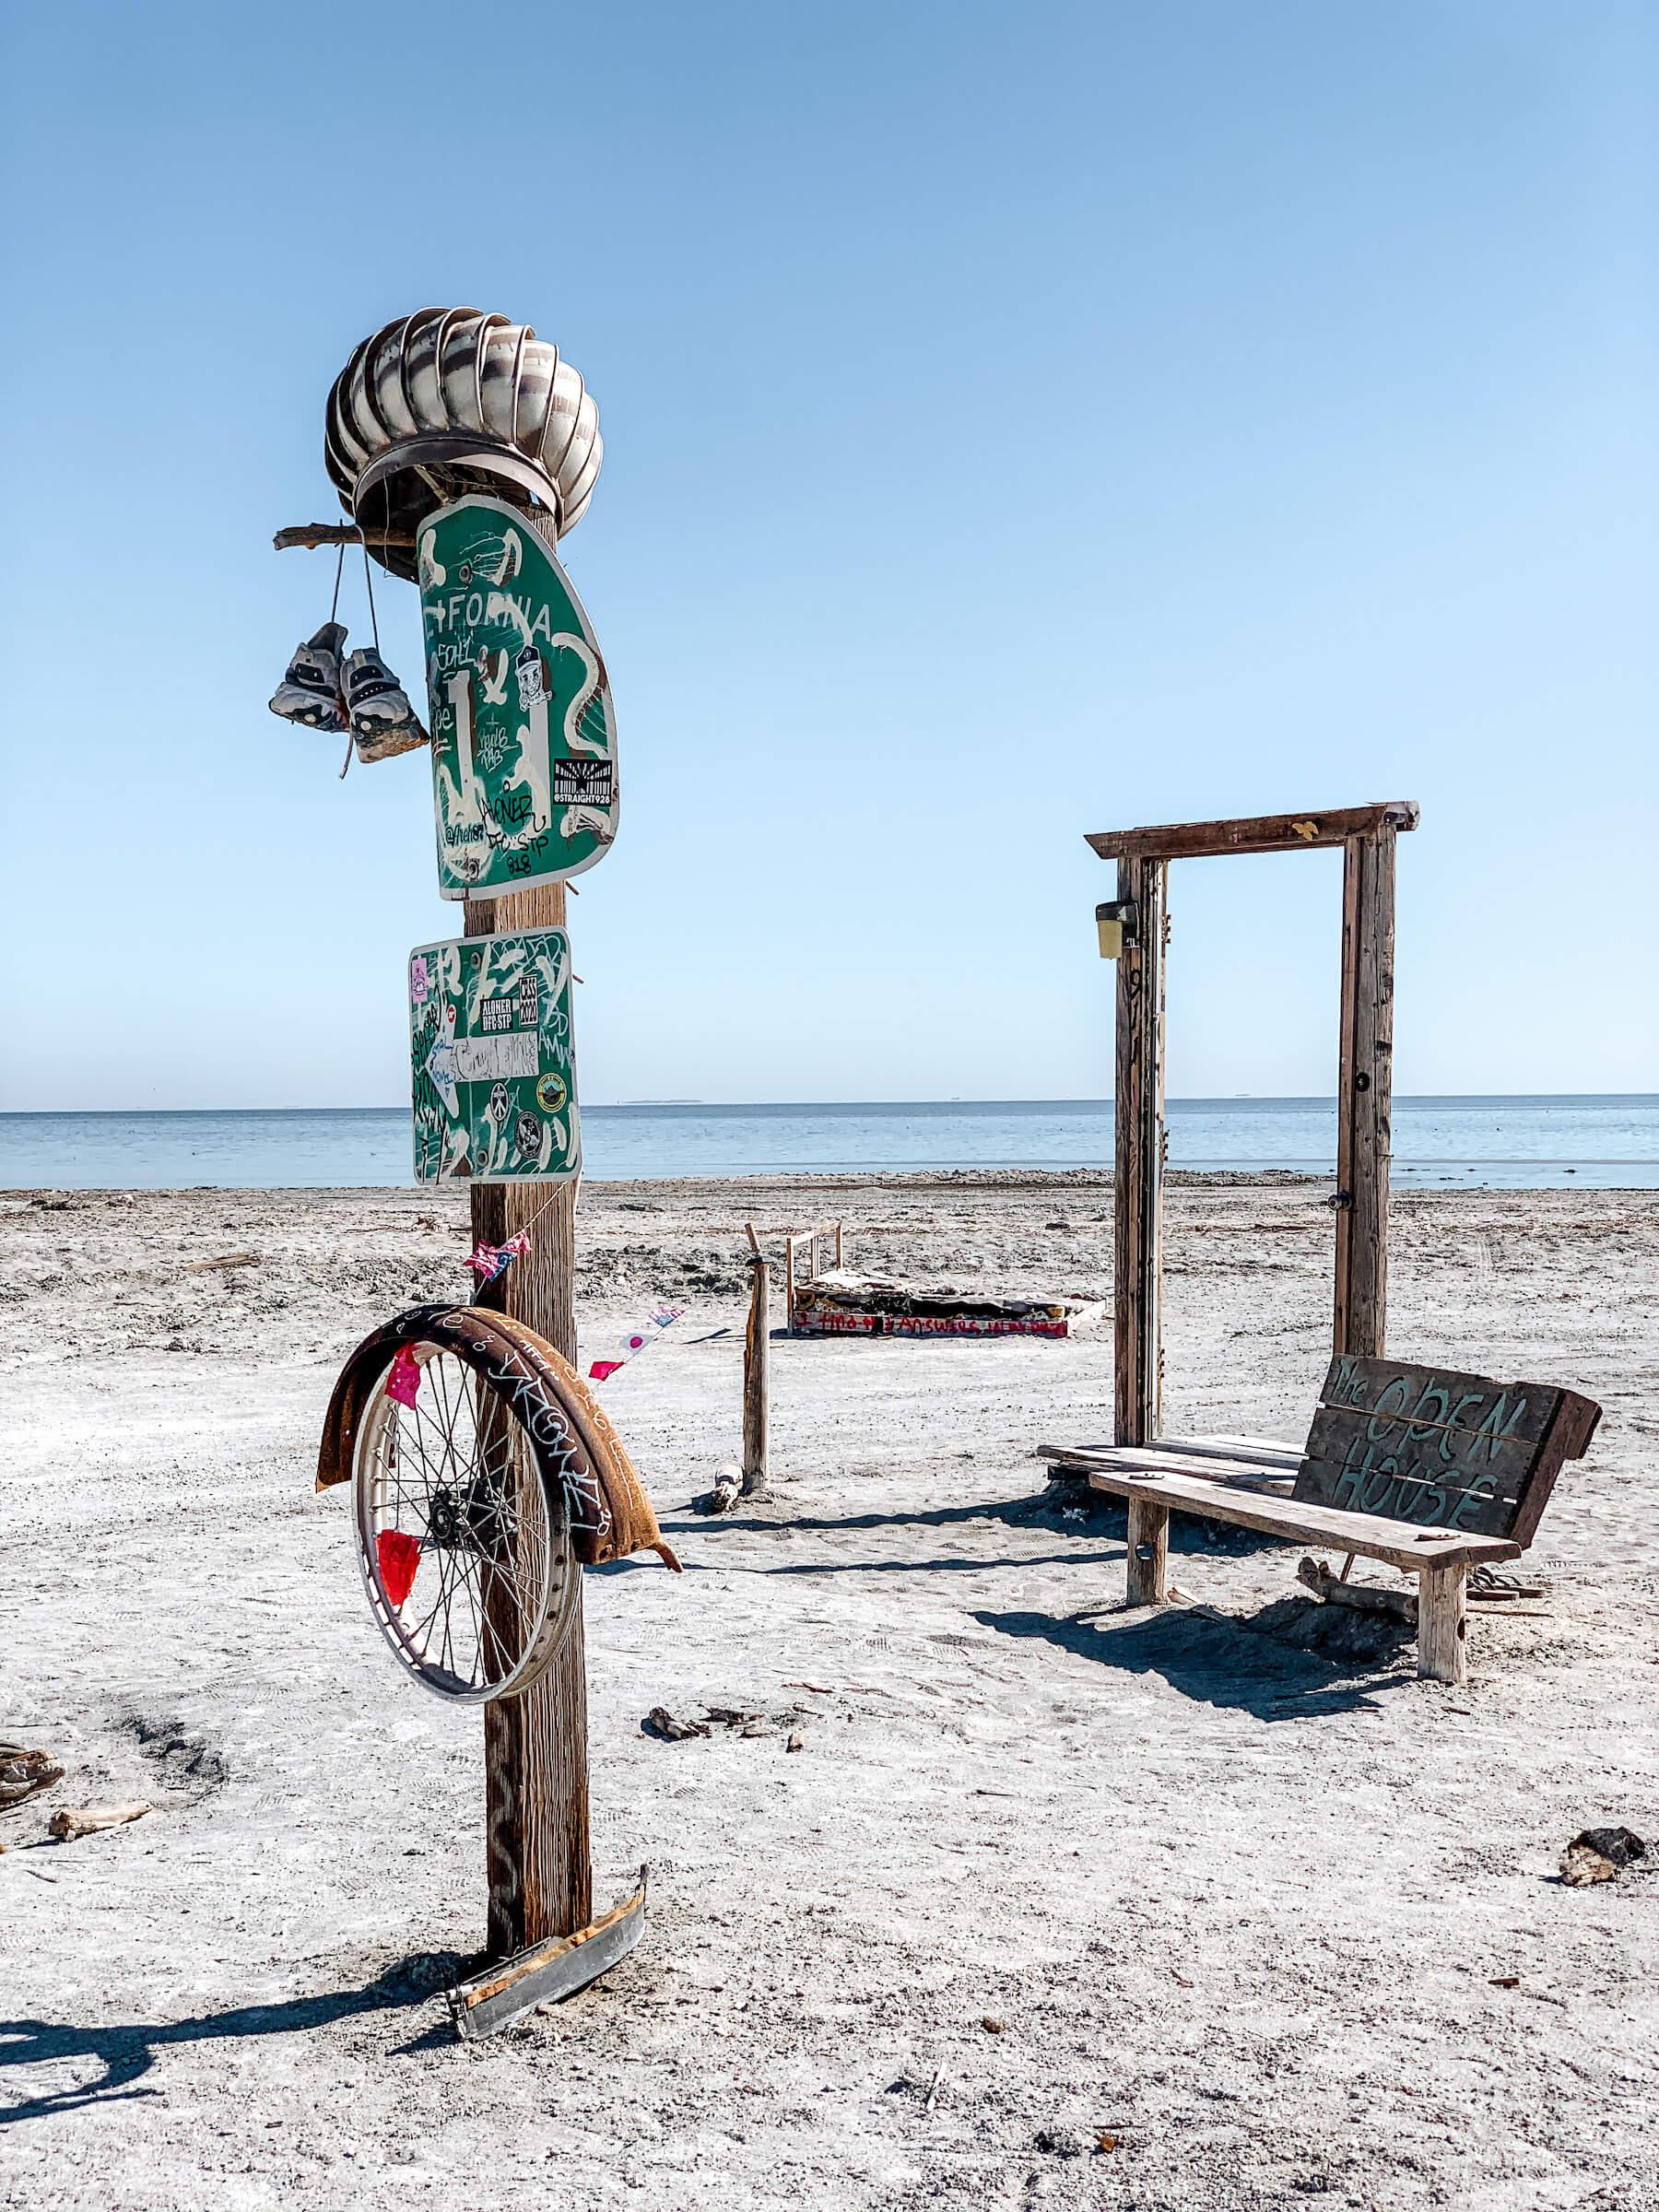 Salton Sea - méconnus incontournables Palm Springs - voyage en Californie